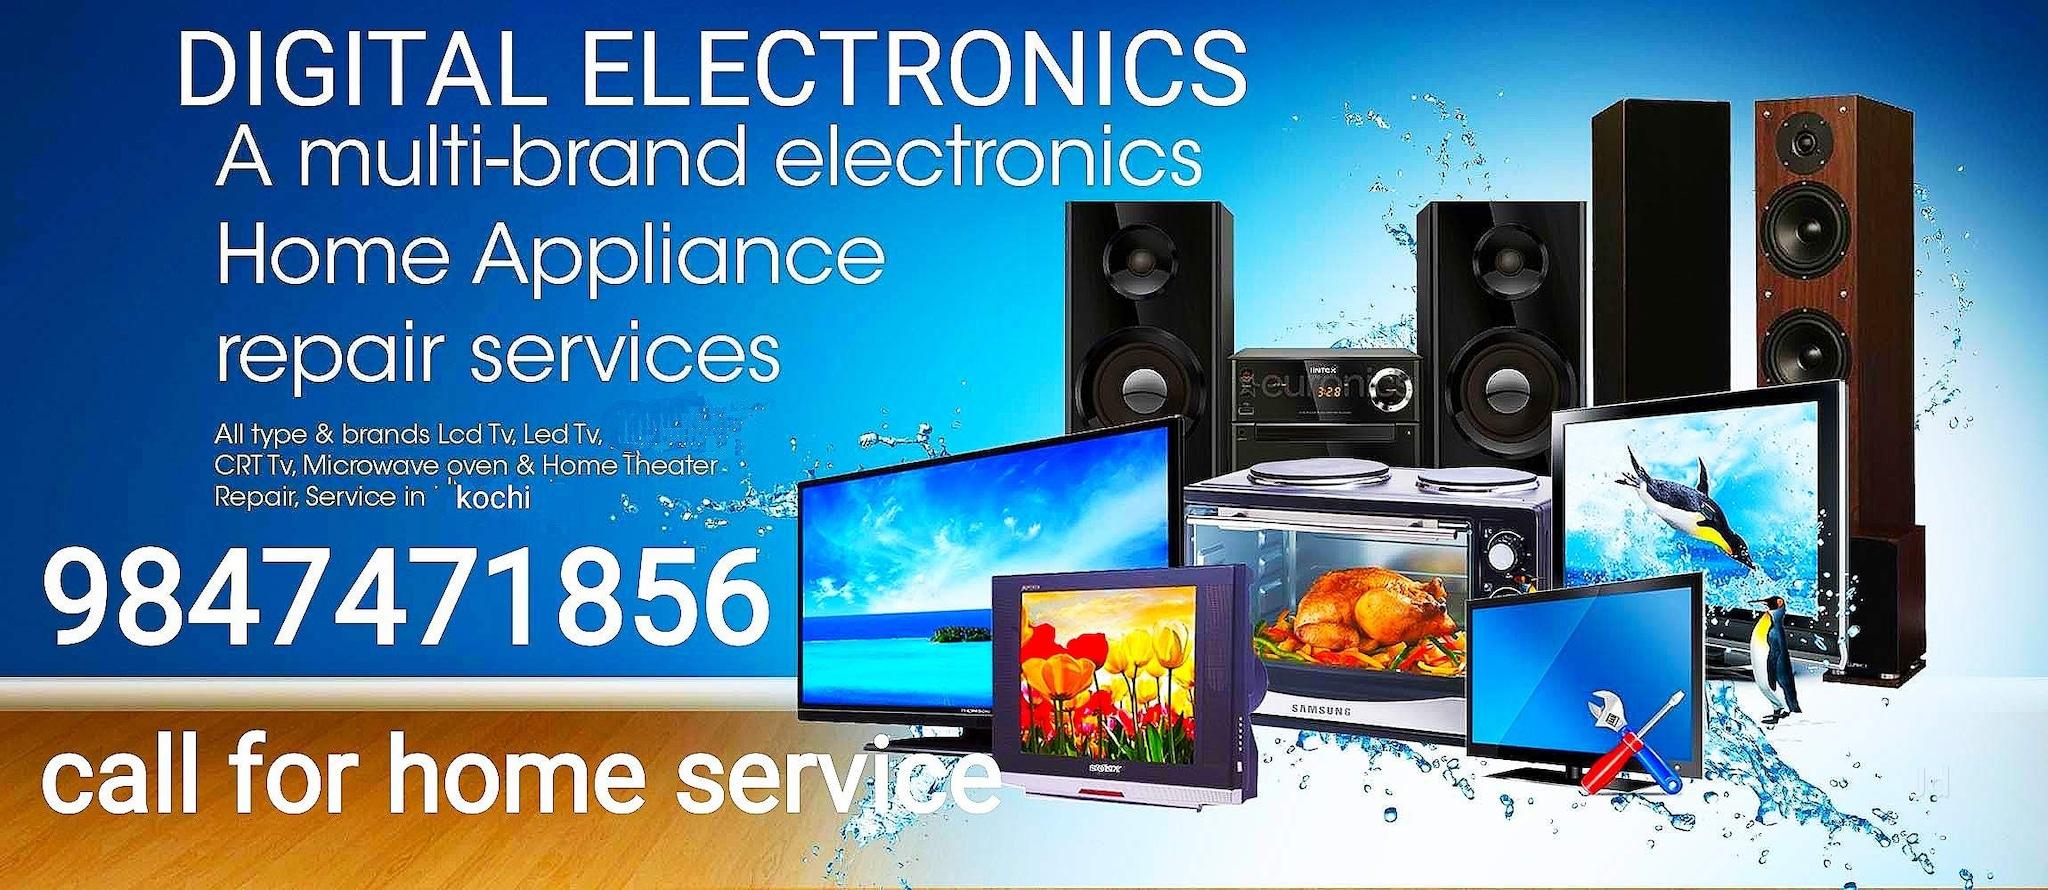 Top LG TV Repair in Tripunithura, Ernakulam - Best LG